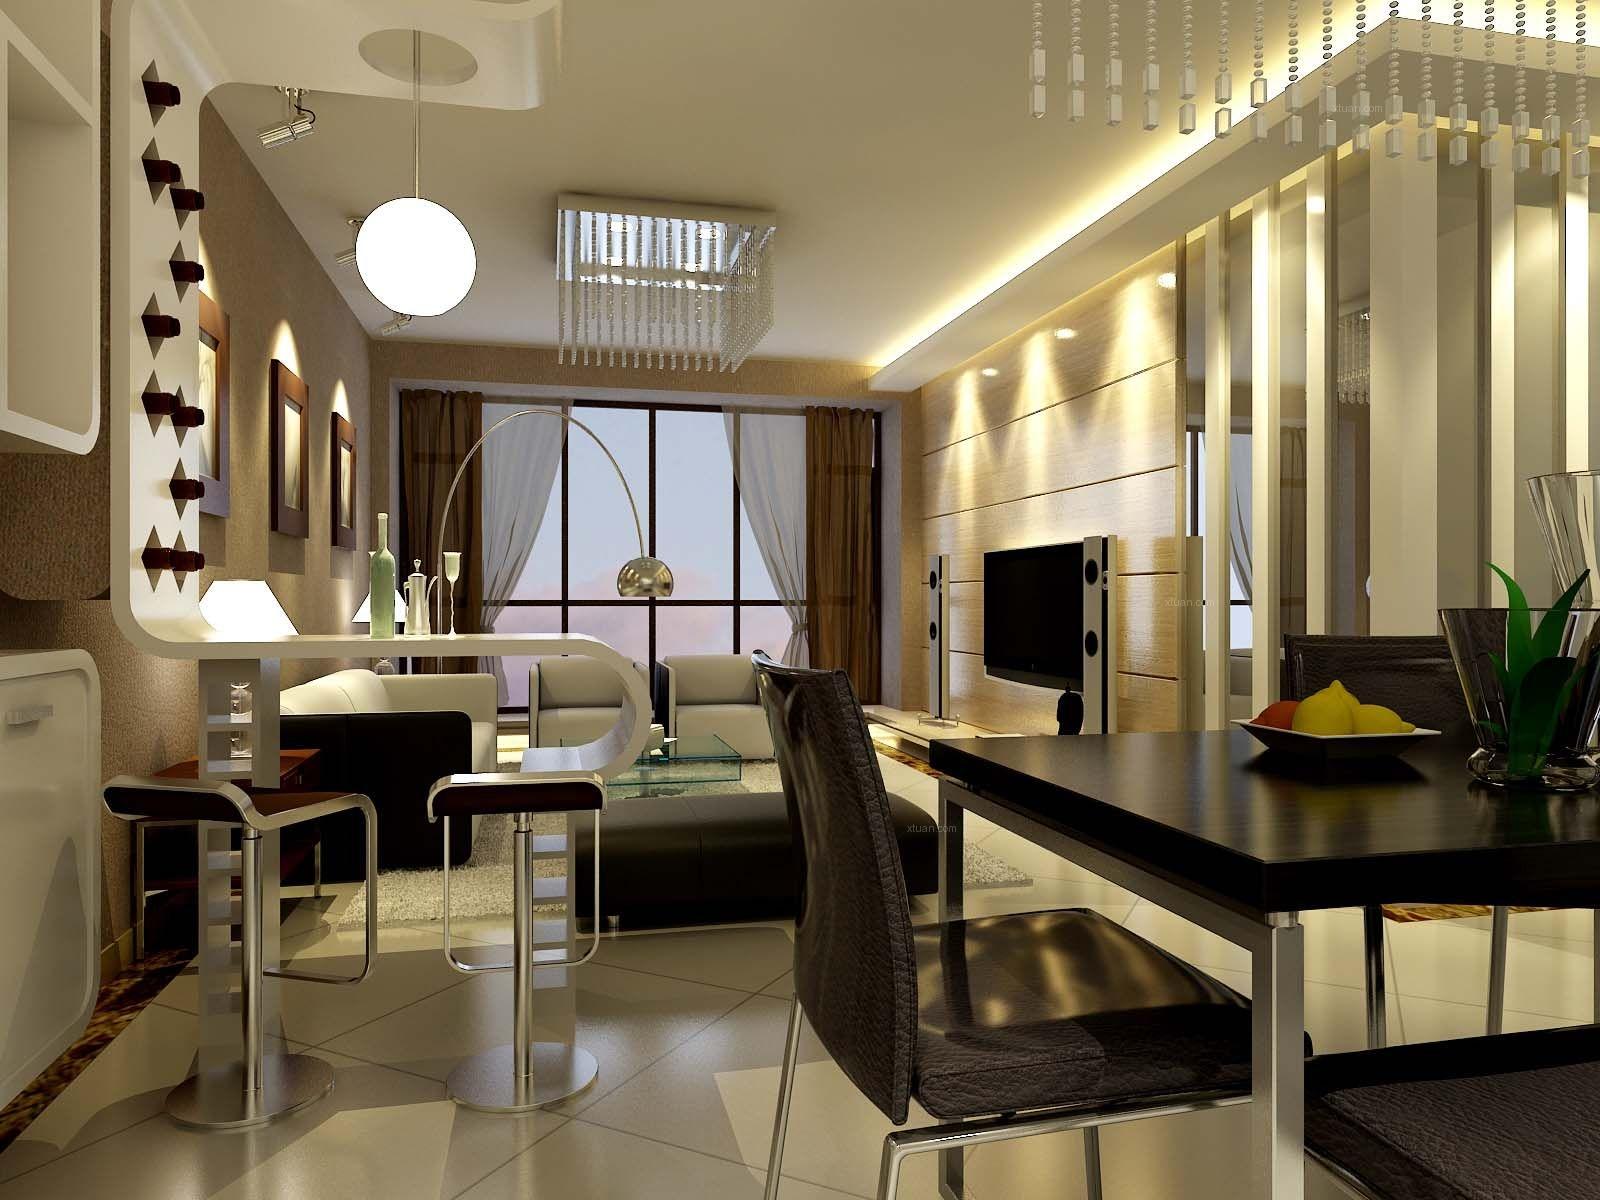 长沙泥巴公社三居室新房装修  12万打造现代风格